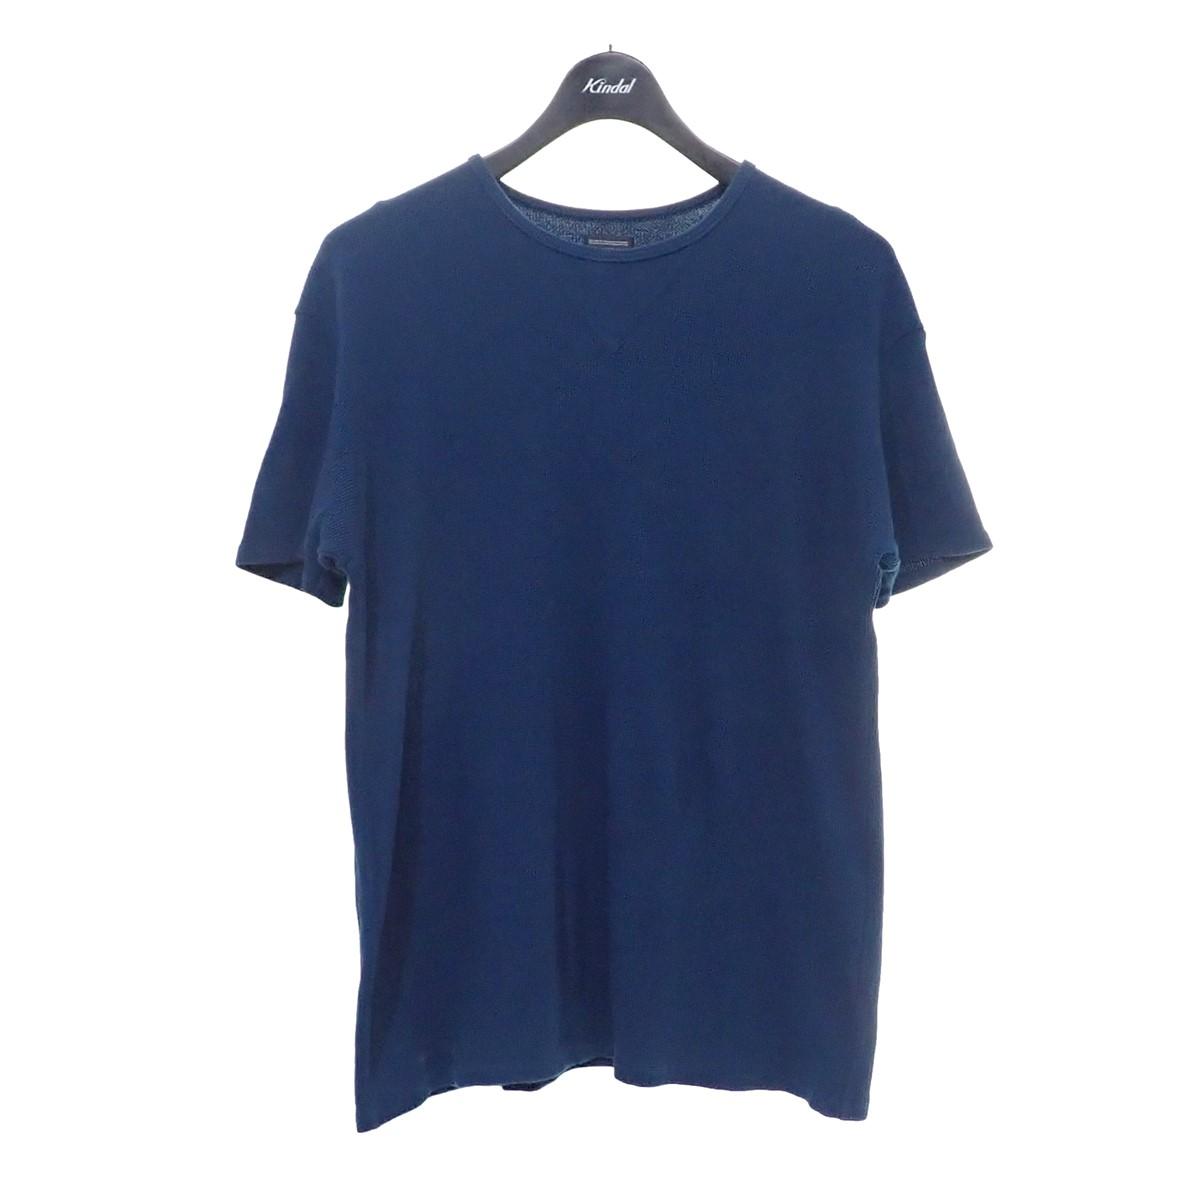 トップス, Tシャツ・カットソー OPUS JAPAN M 160521